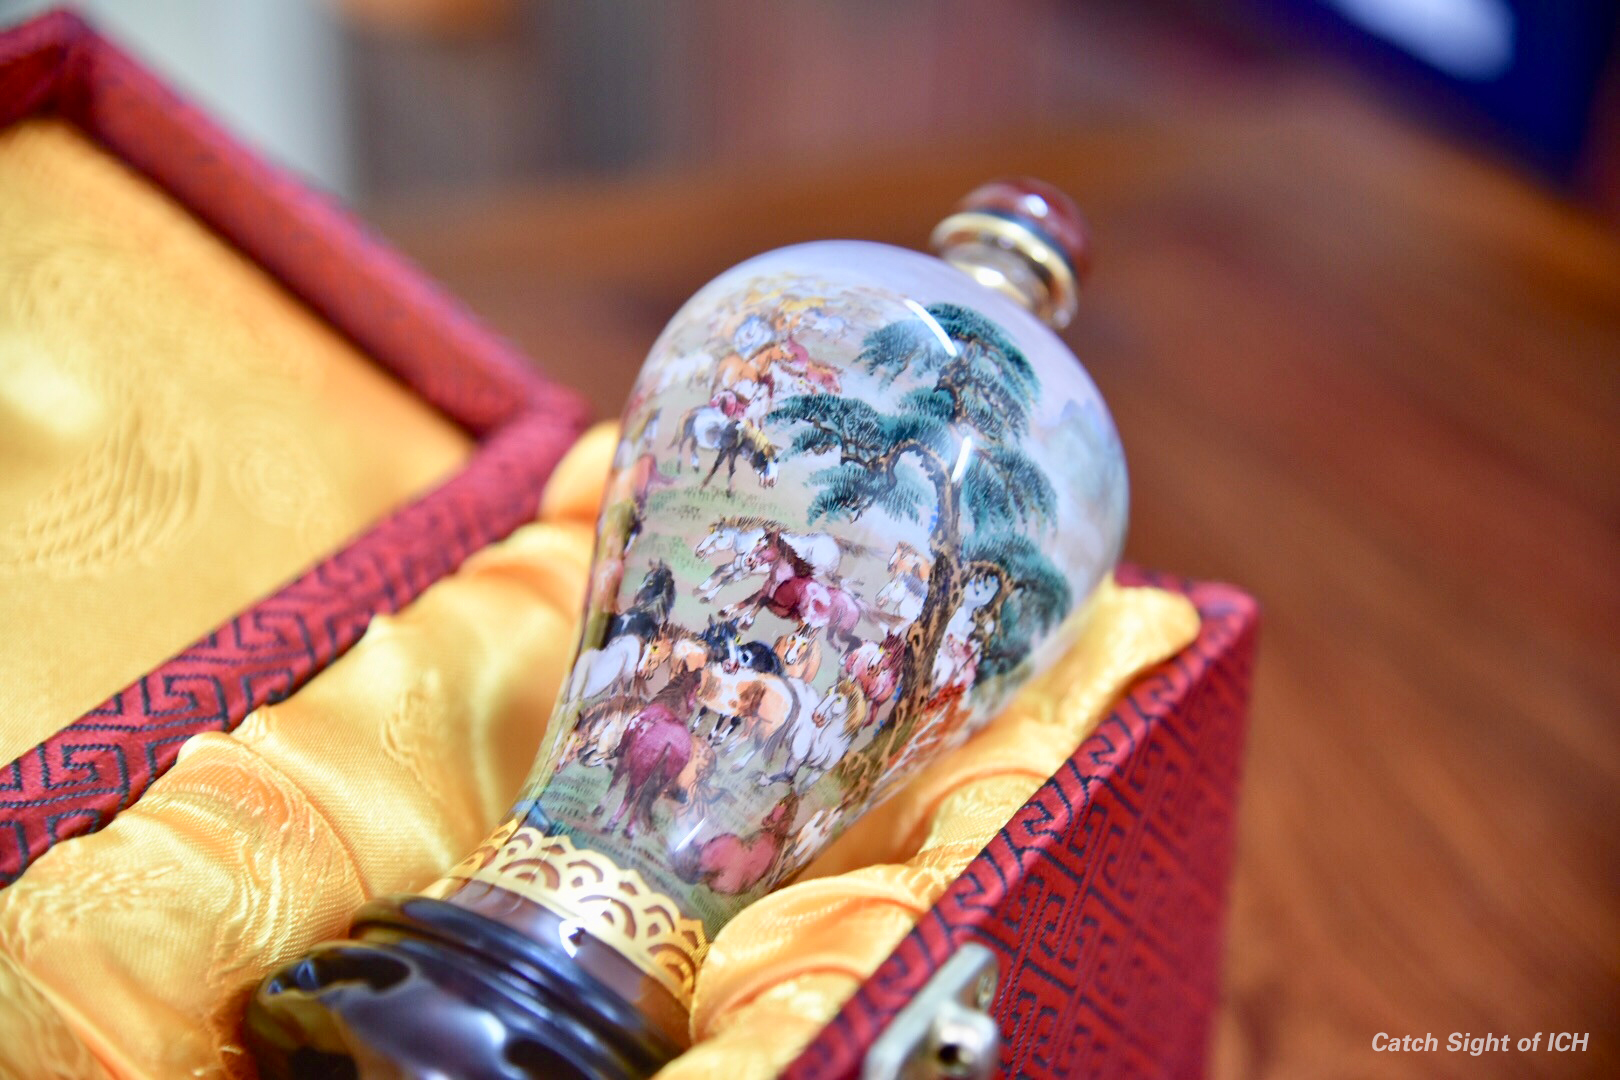 瓶内画:小磨砂壶玩转世界